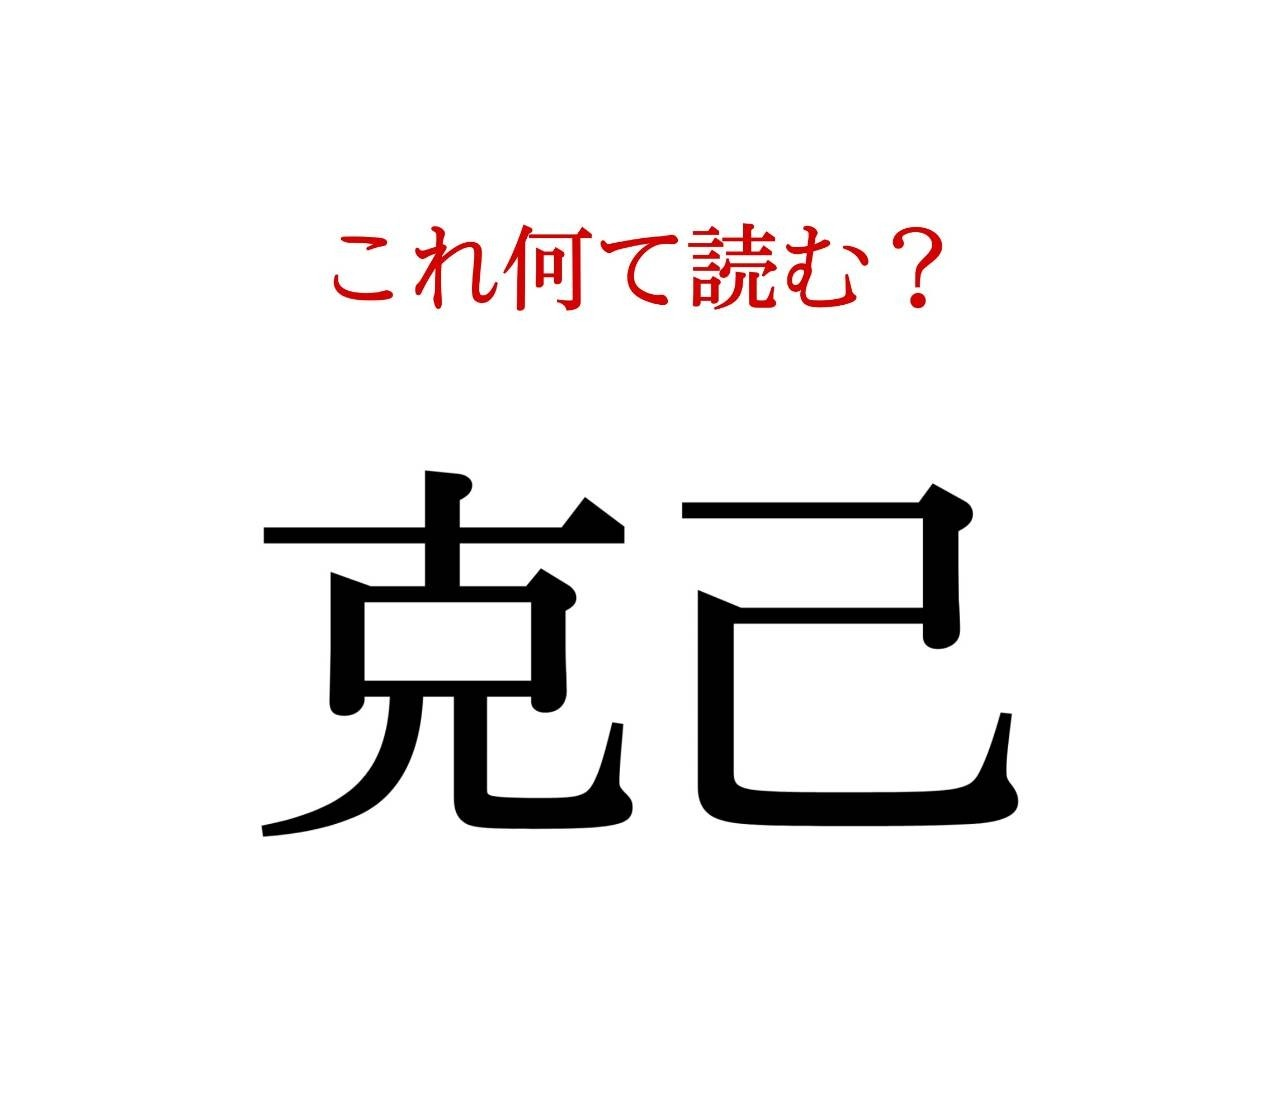 「克己」:この漢字、自信を持って読めますか?【働く大人の漢字クイズvol.30】